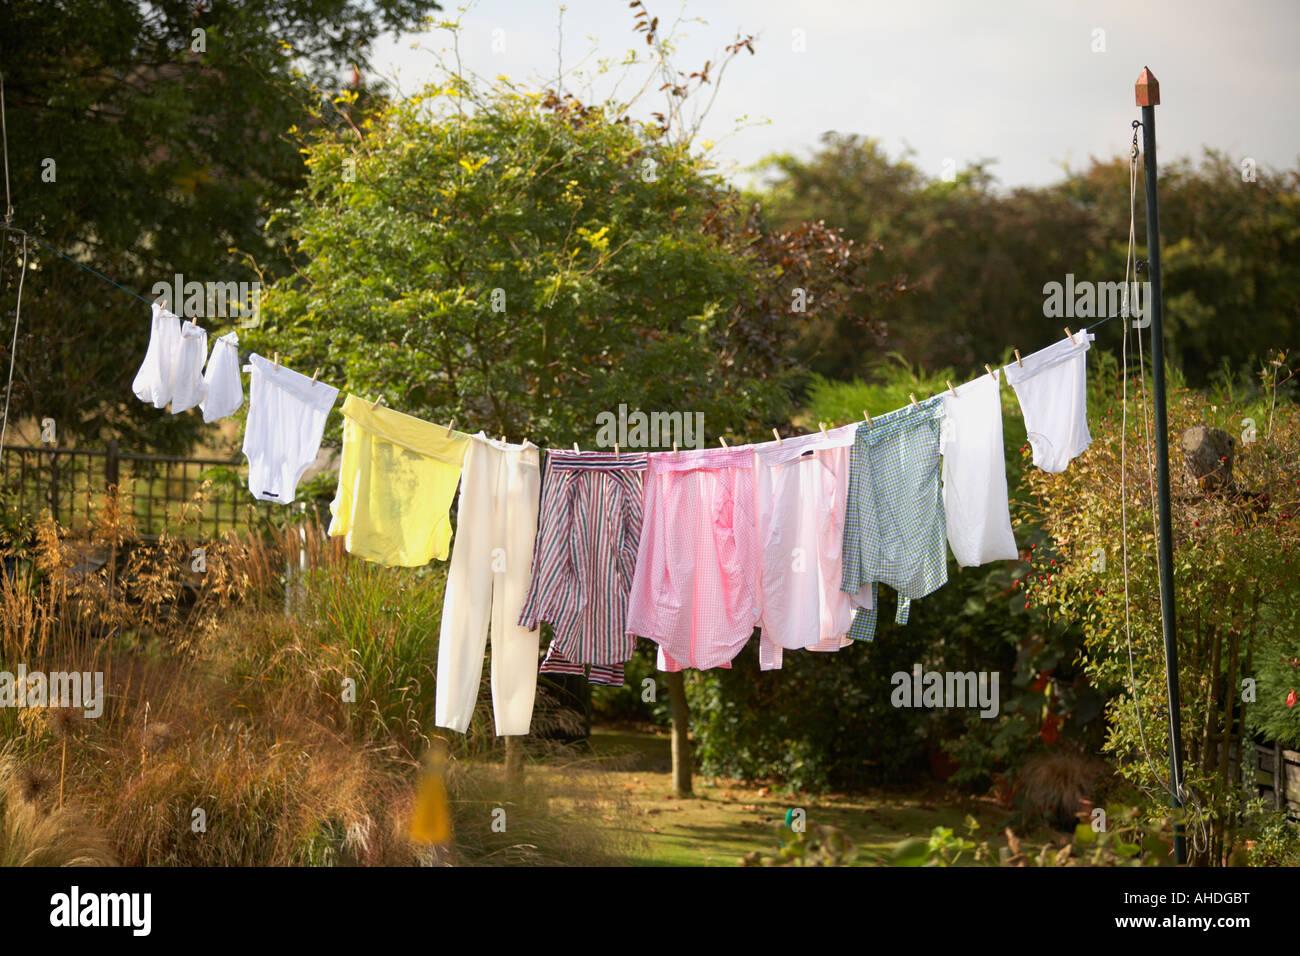 Wäsche hängt an Linie draußen im Garten Stockbild